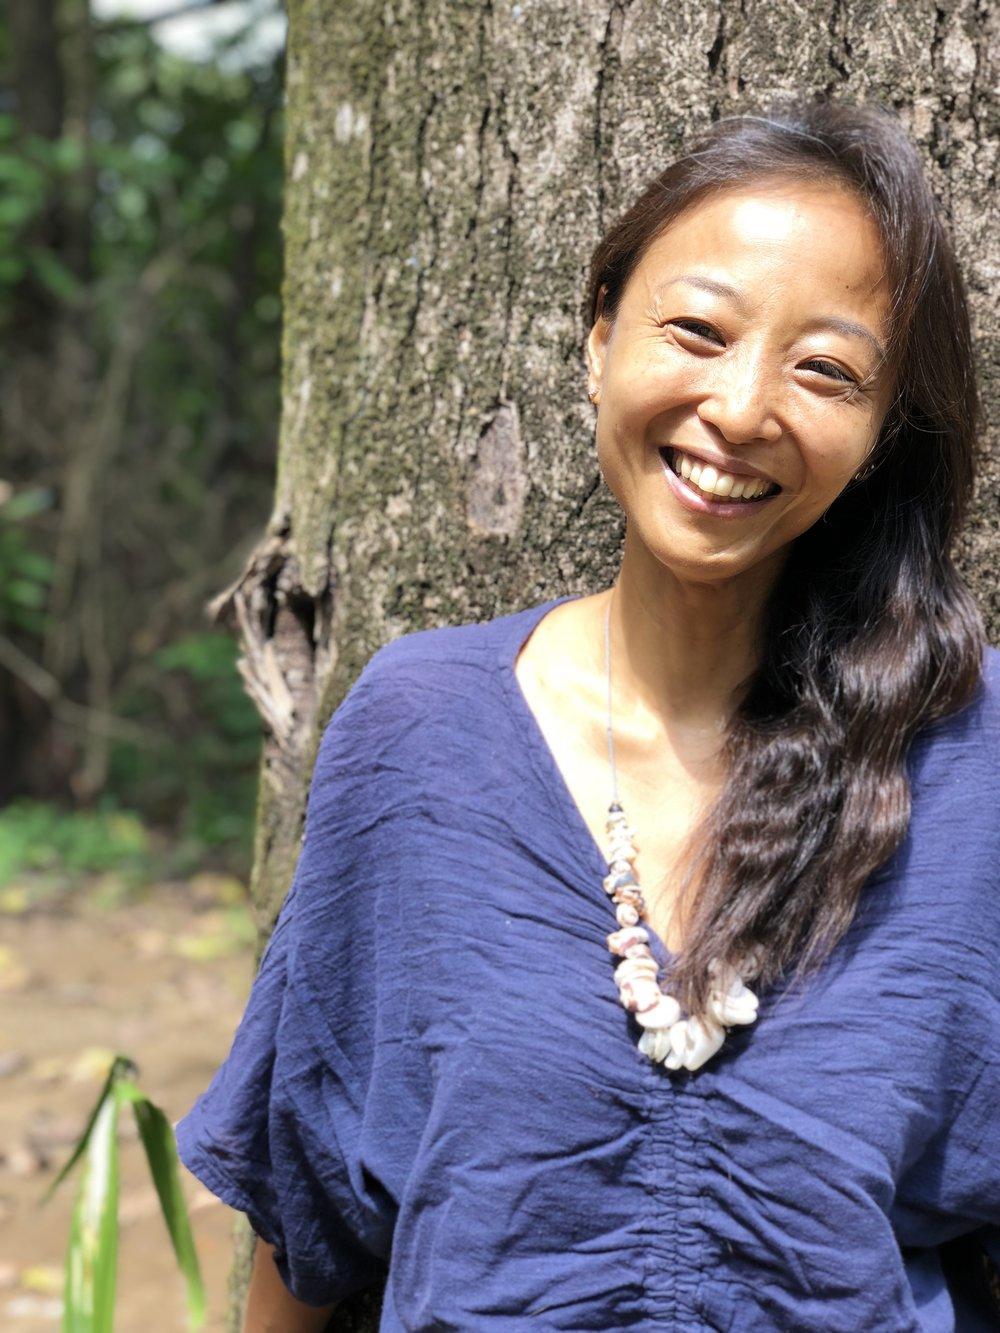 オンラインで学べる  「imakoko 瞑想ビギナーコース」  はこちら!ぜひ受講してみて下さい。瞑想の基本のキからマスターできて、瞑想が楽しく日課になりますよ。